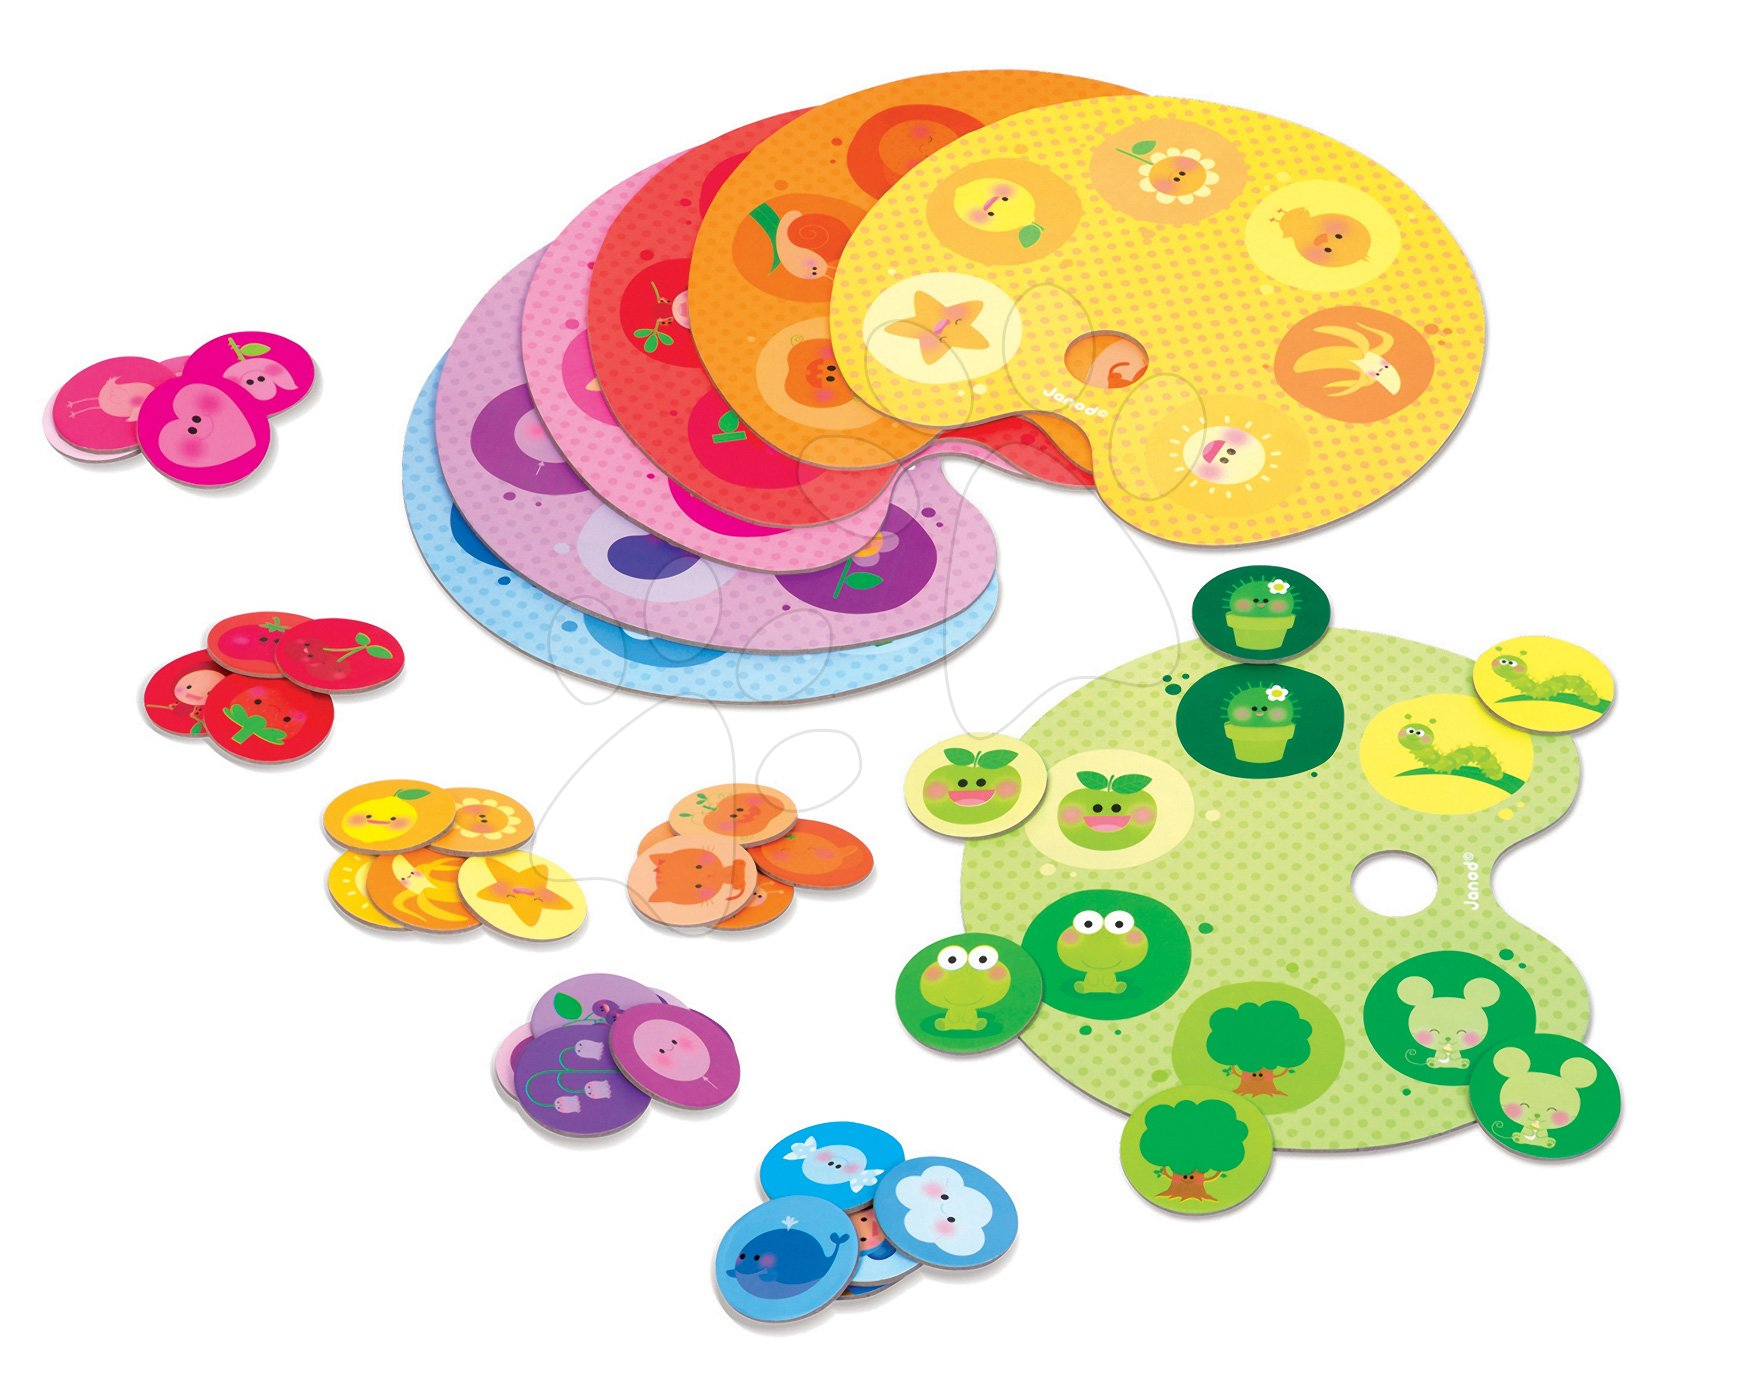 Společenská hra Bingo Color Janod #VALUE! od 3 let